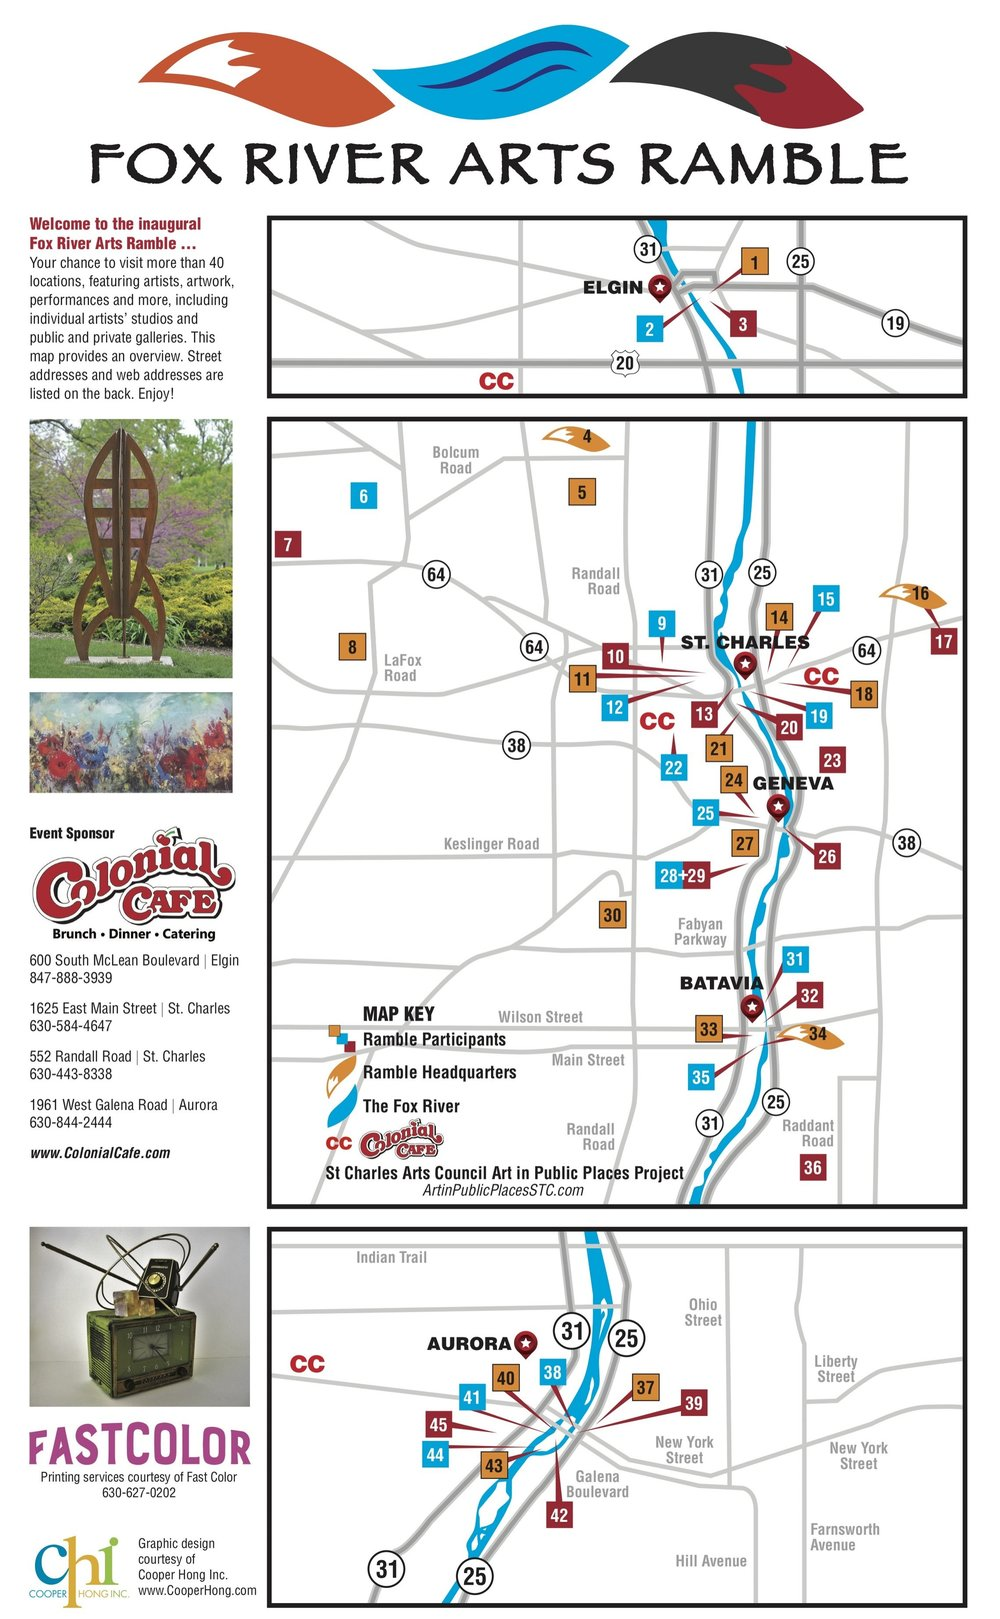 2018 FV Ramble Map Flier 5_3 PAGE 2.jpg